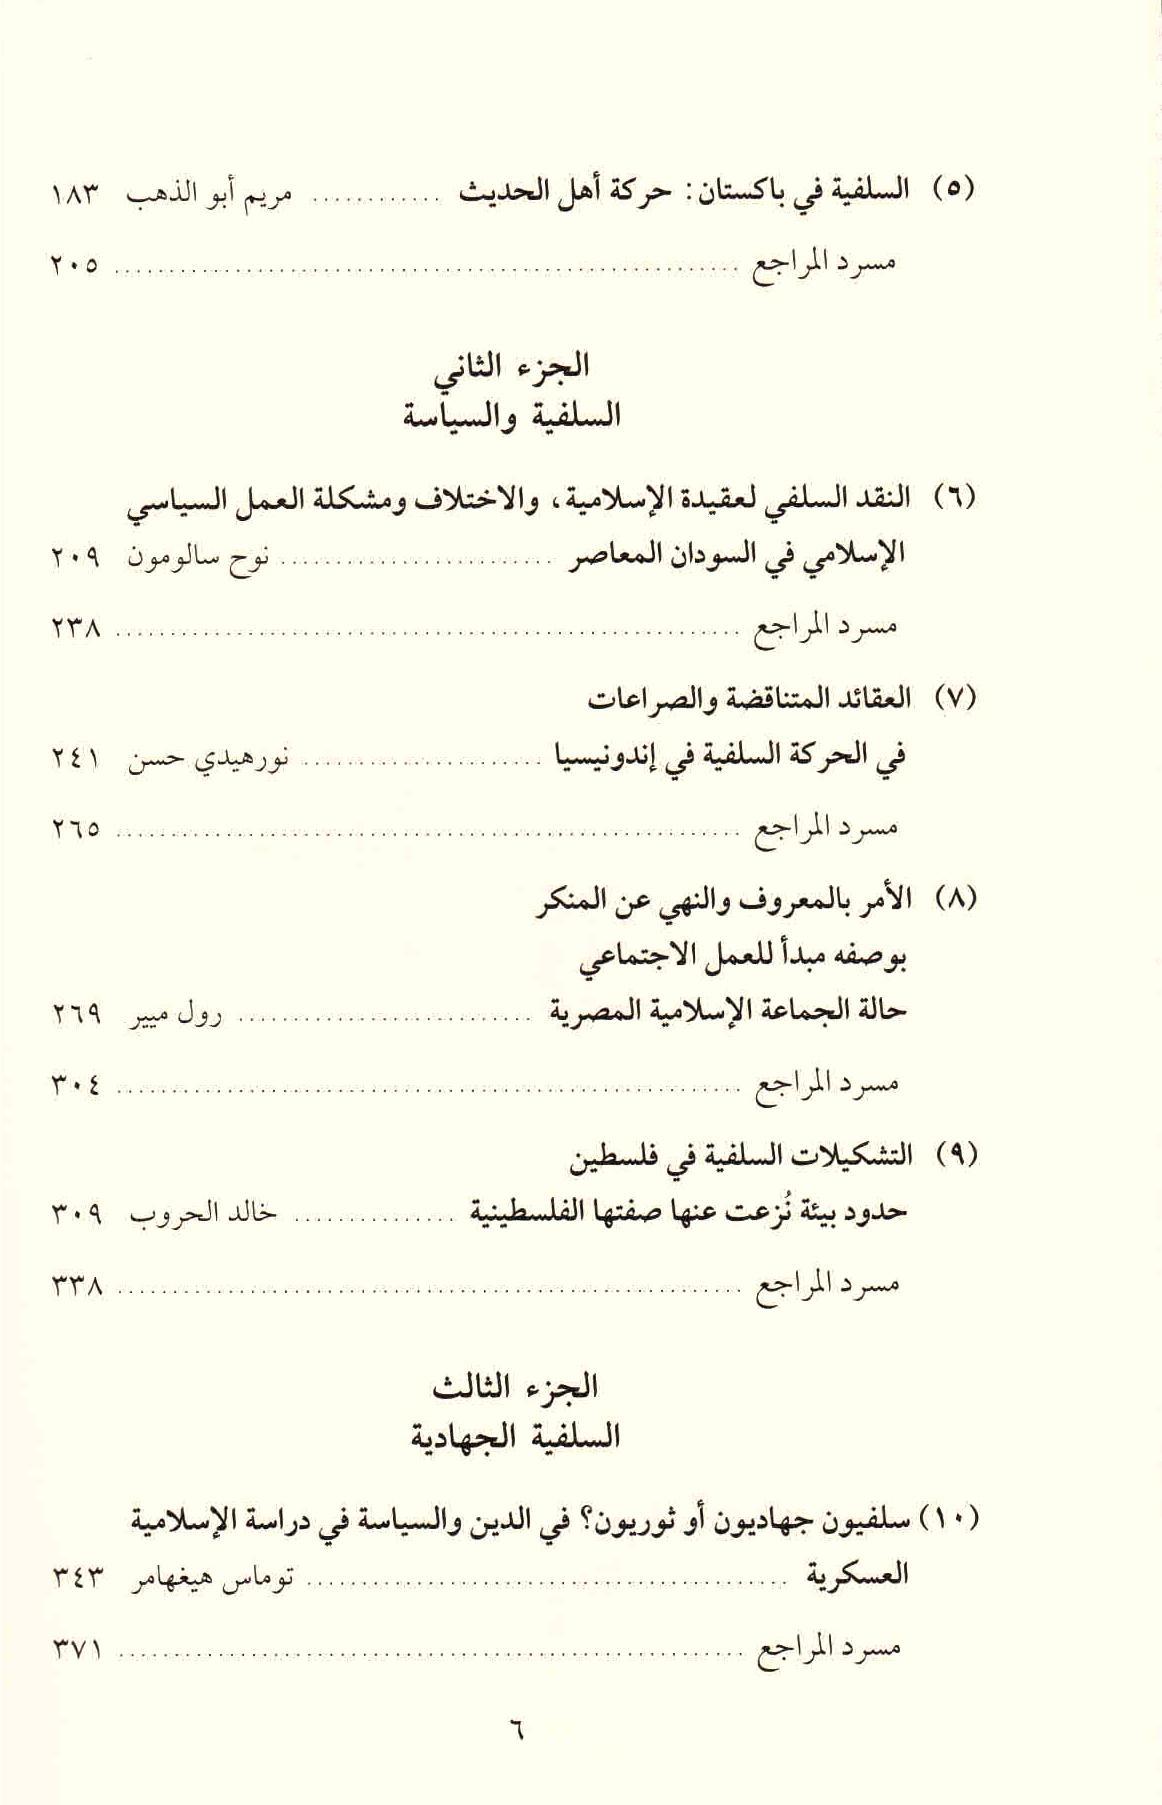 ص6 محتويات كتاب السلفية العالمية